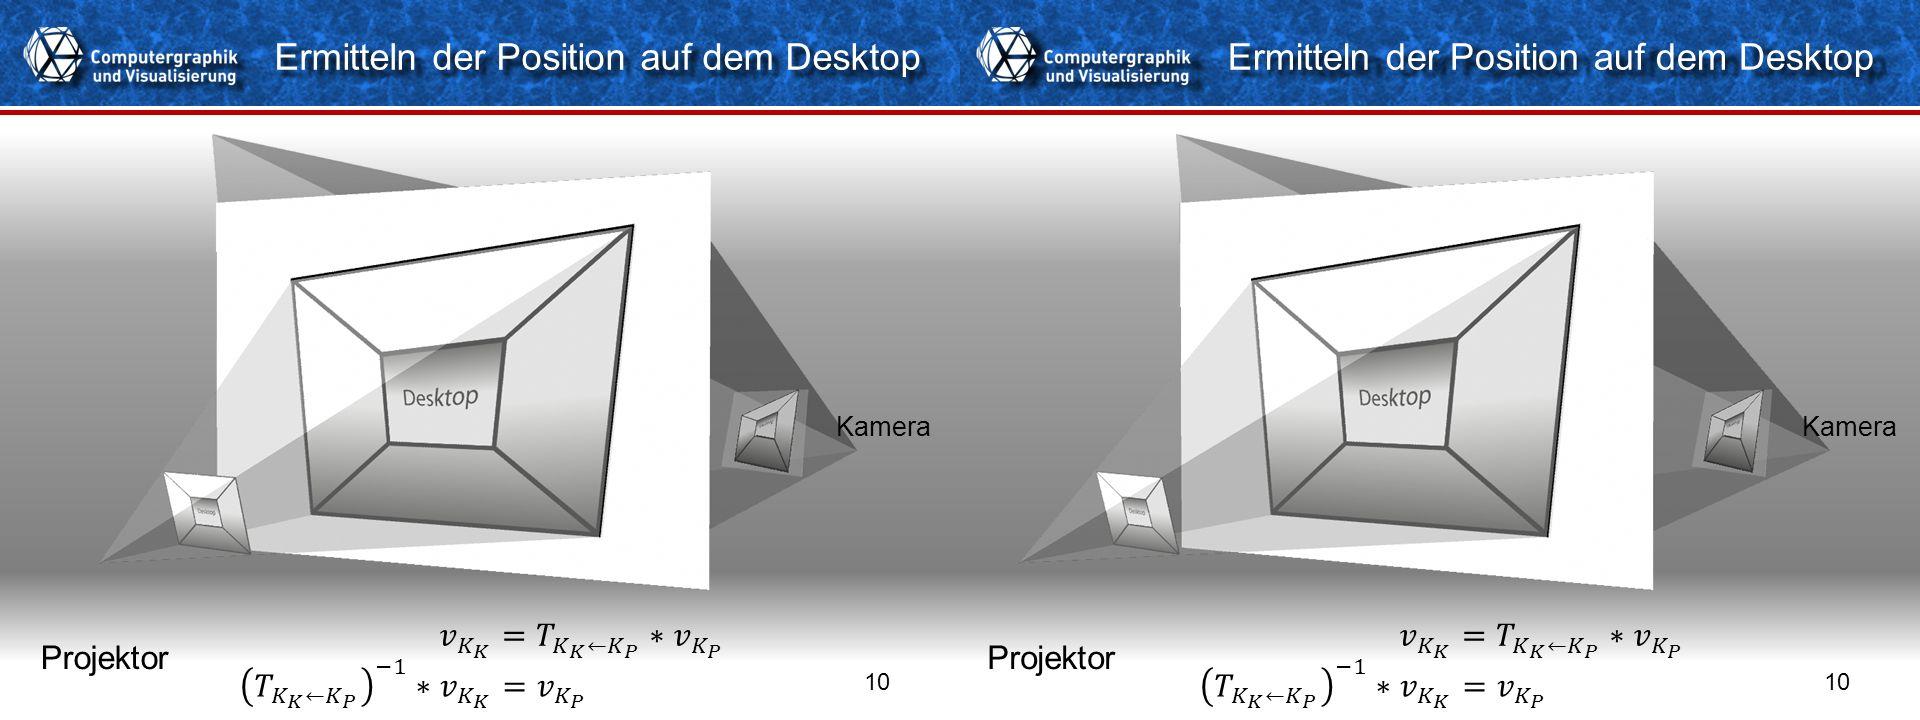 Ermitteln der Position auf dem Desktop